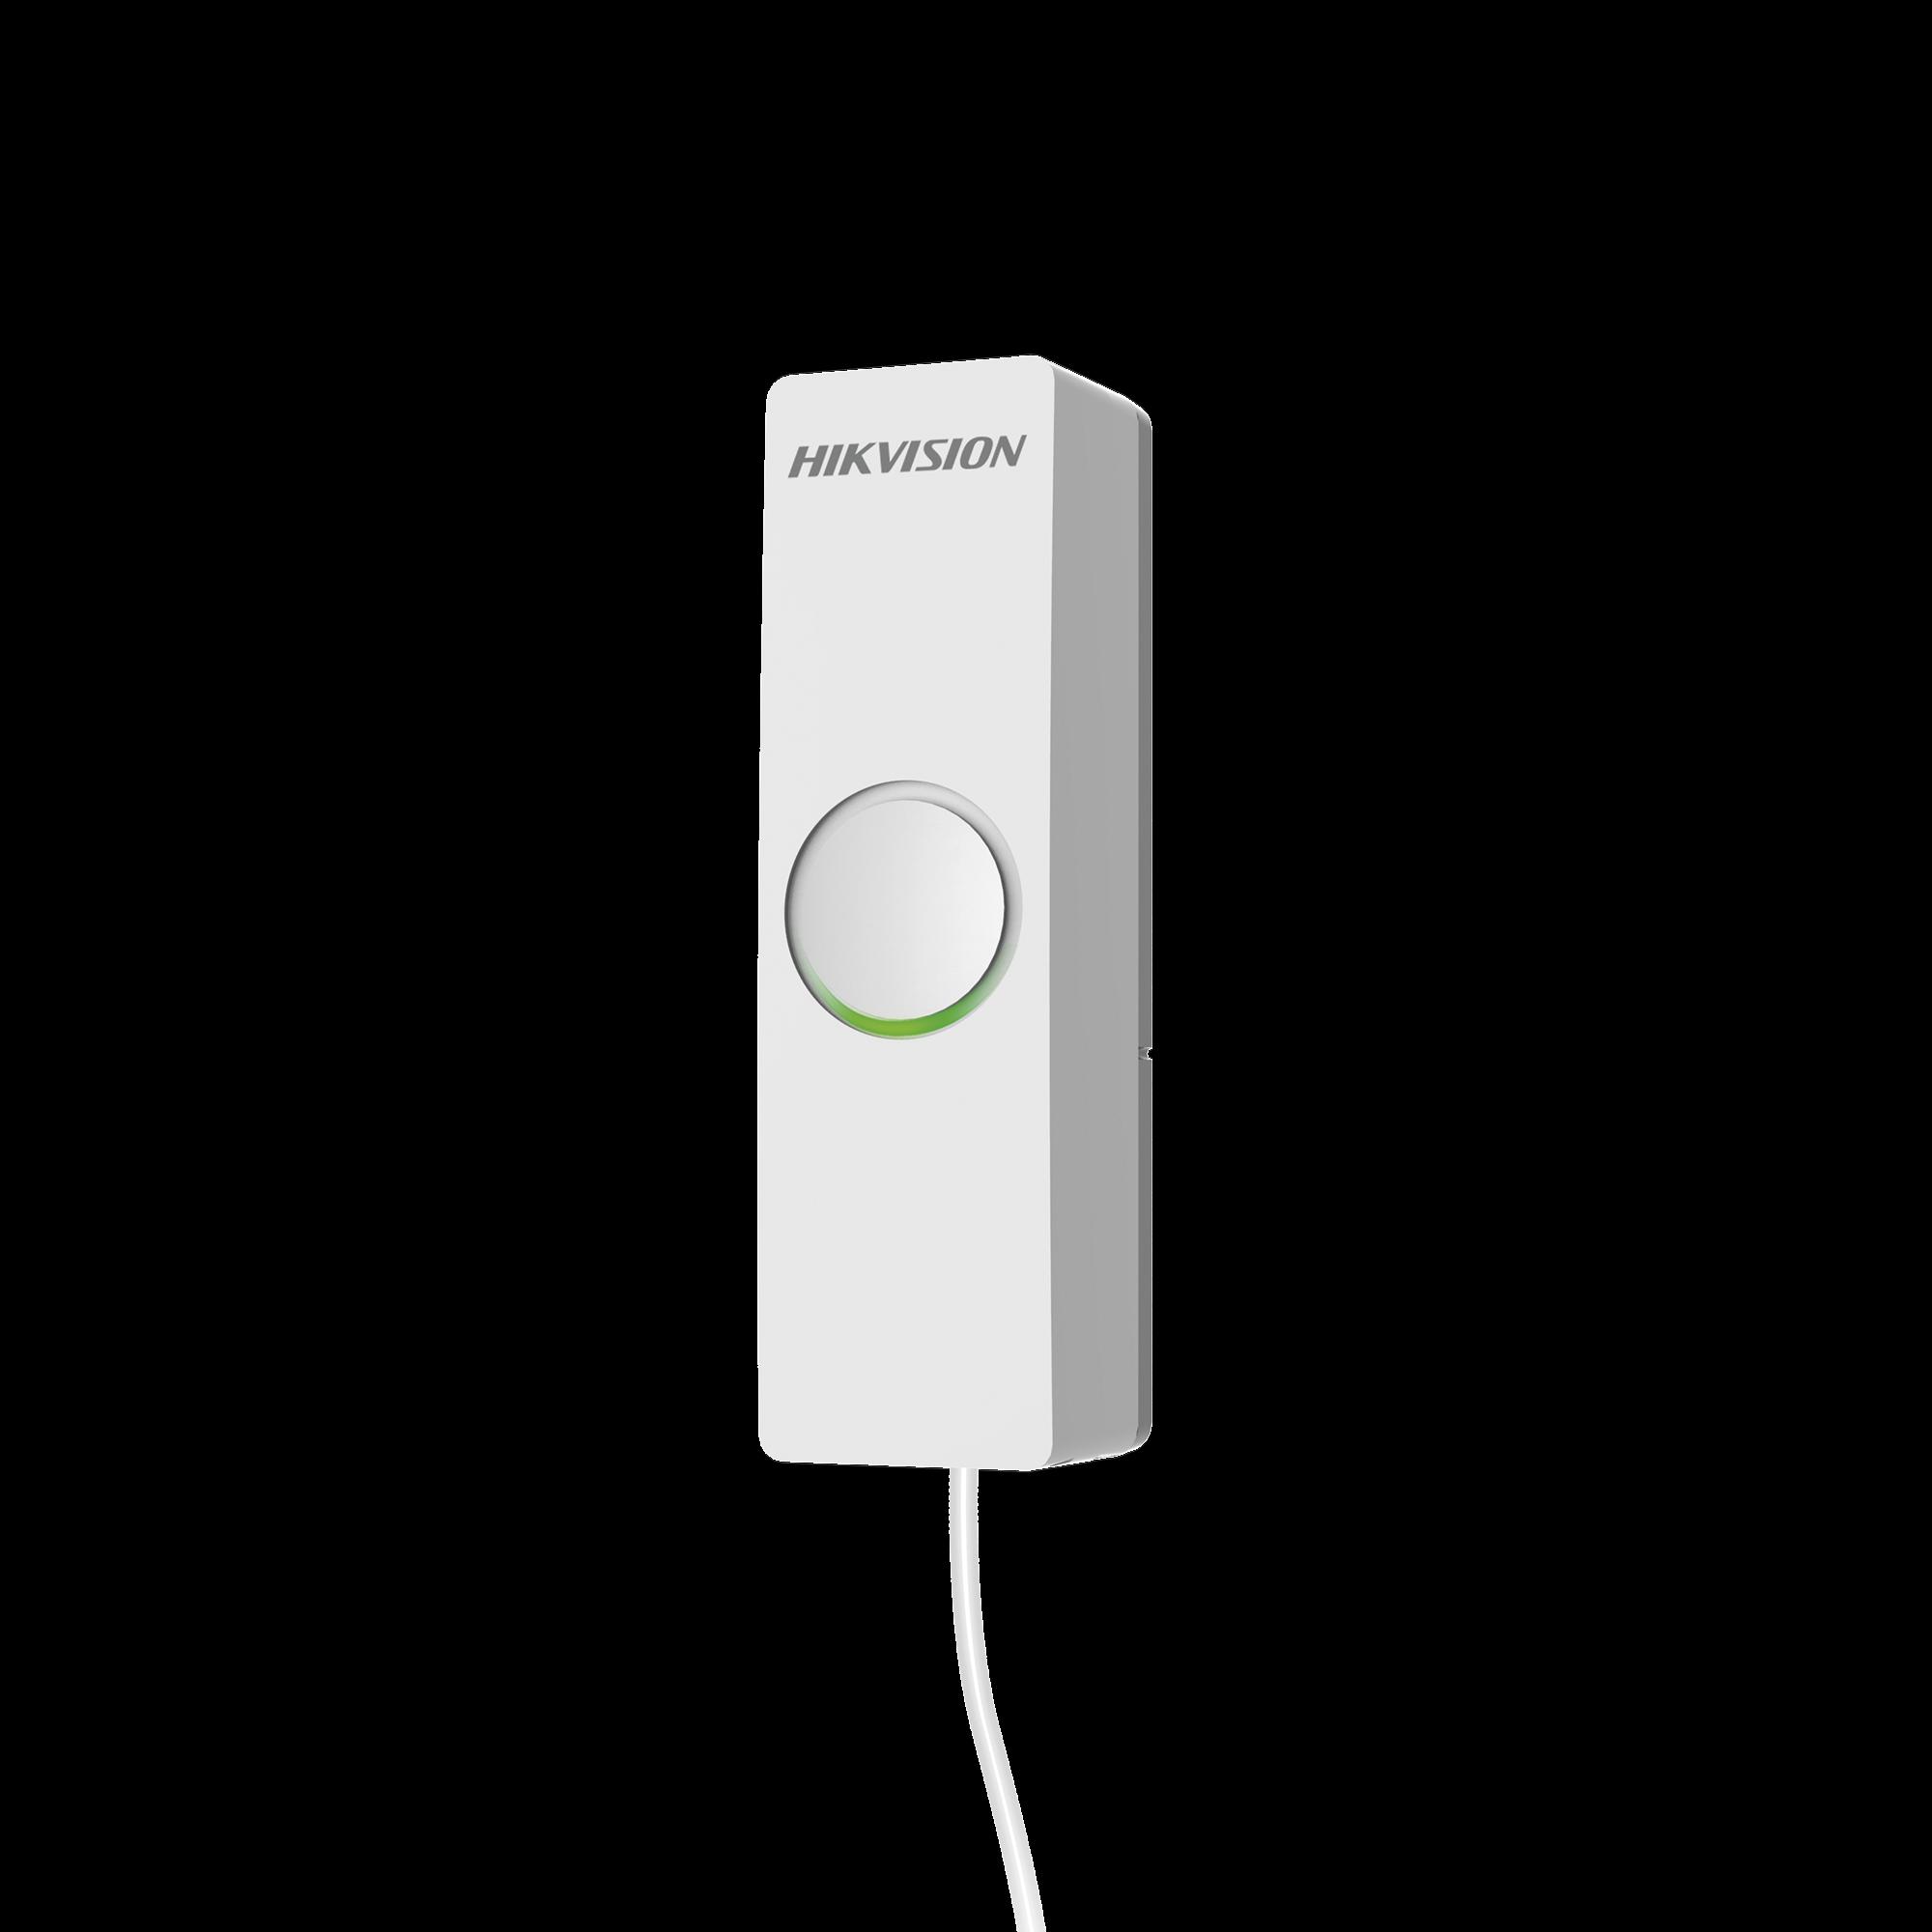 (AX HUB) Transmisor  inalámbrico con 1 entrada de alarma, ideal para convertir una zona cableada a inalámbrica, compatible con alarmas HIKVISION